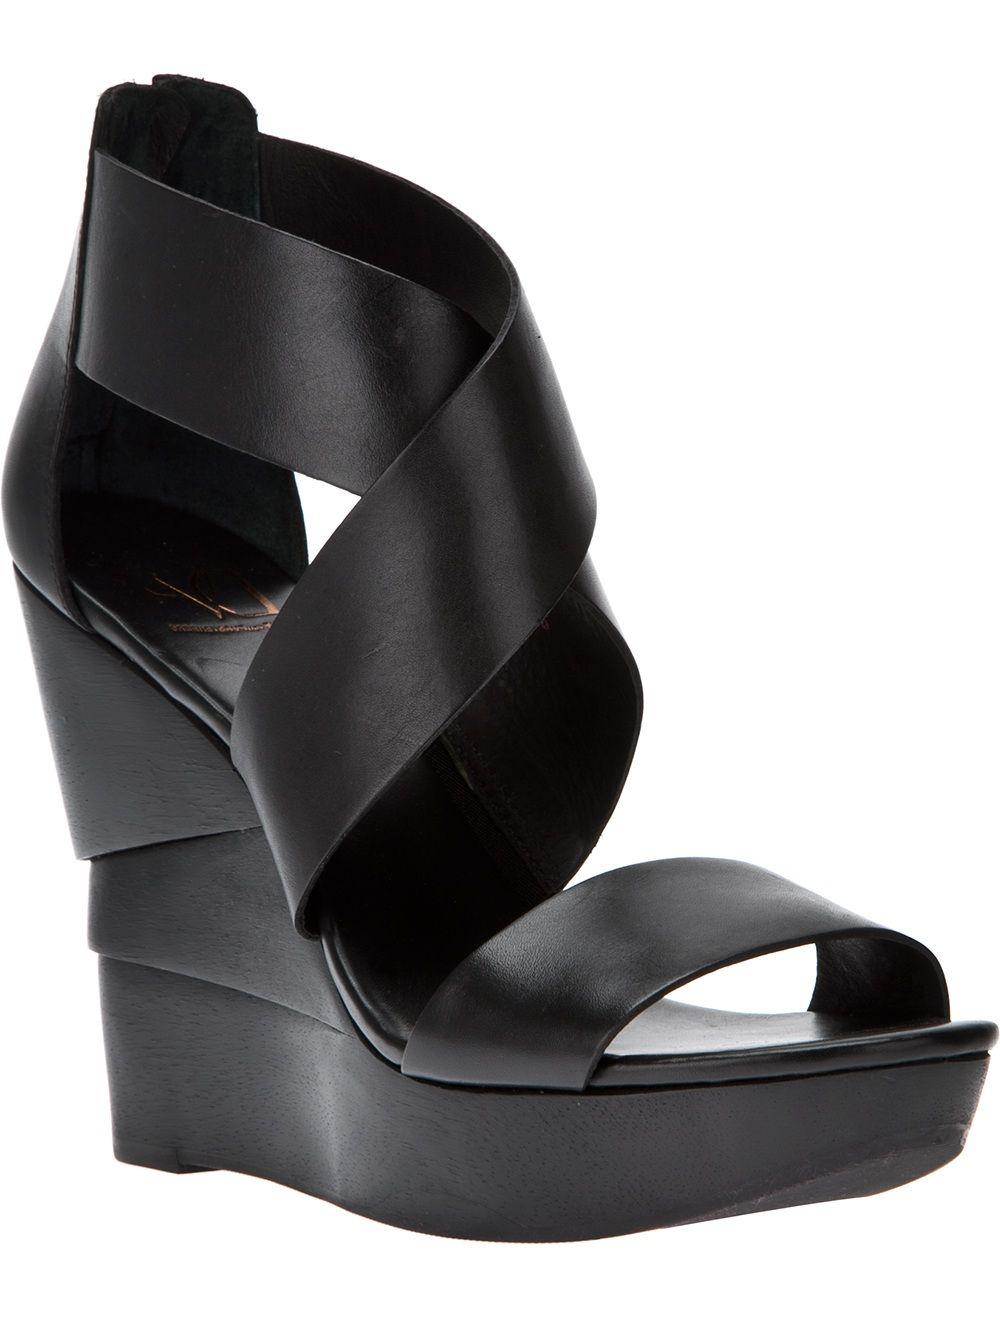 Diane Von Furstenberg Sculpted Wedge Sandal